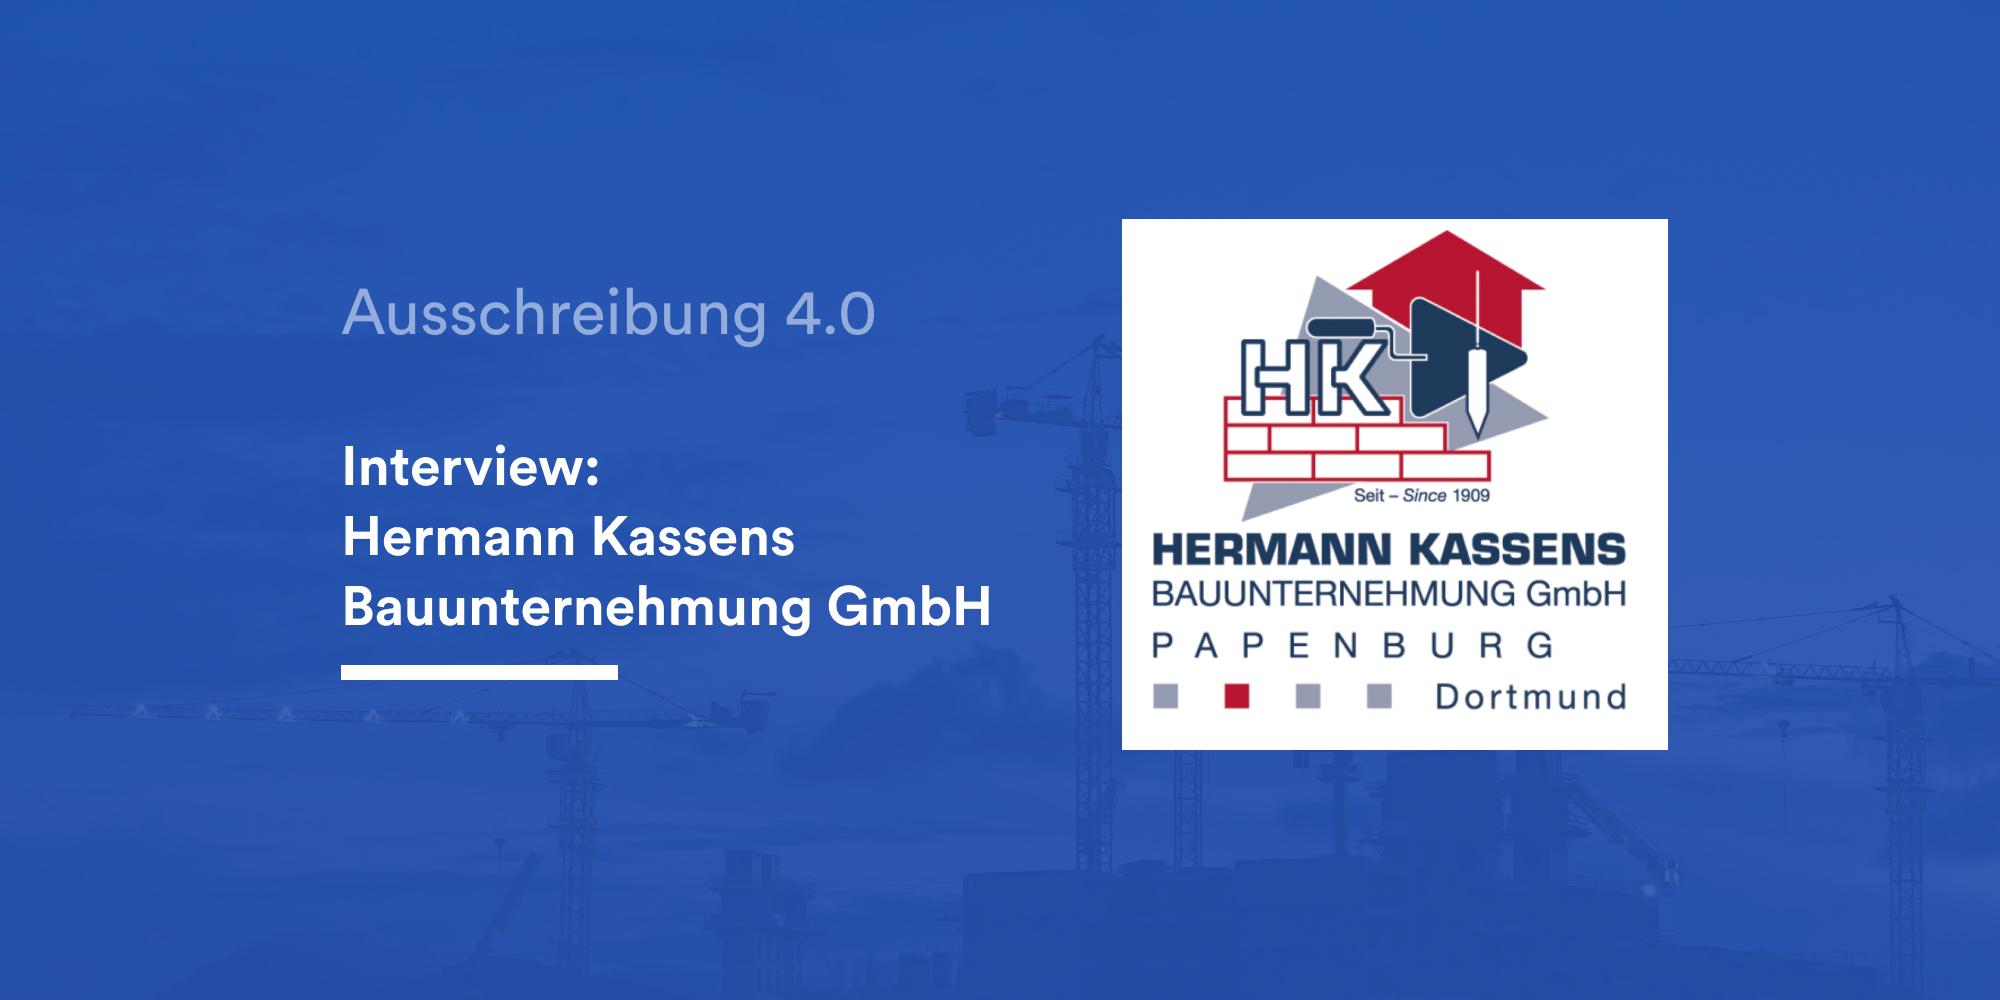 Interview Hermann Kassens Bauunternehmung GmbH